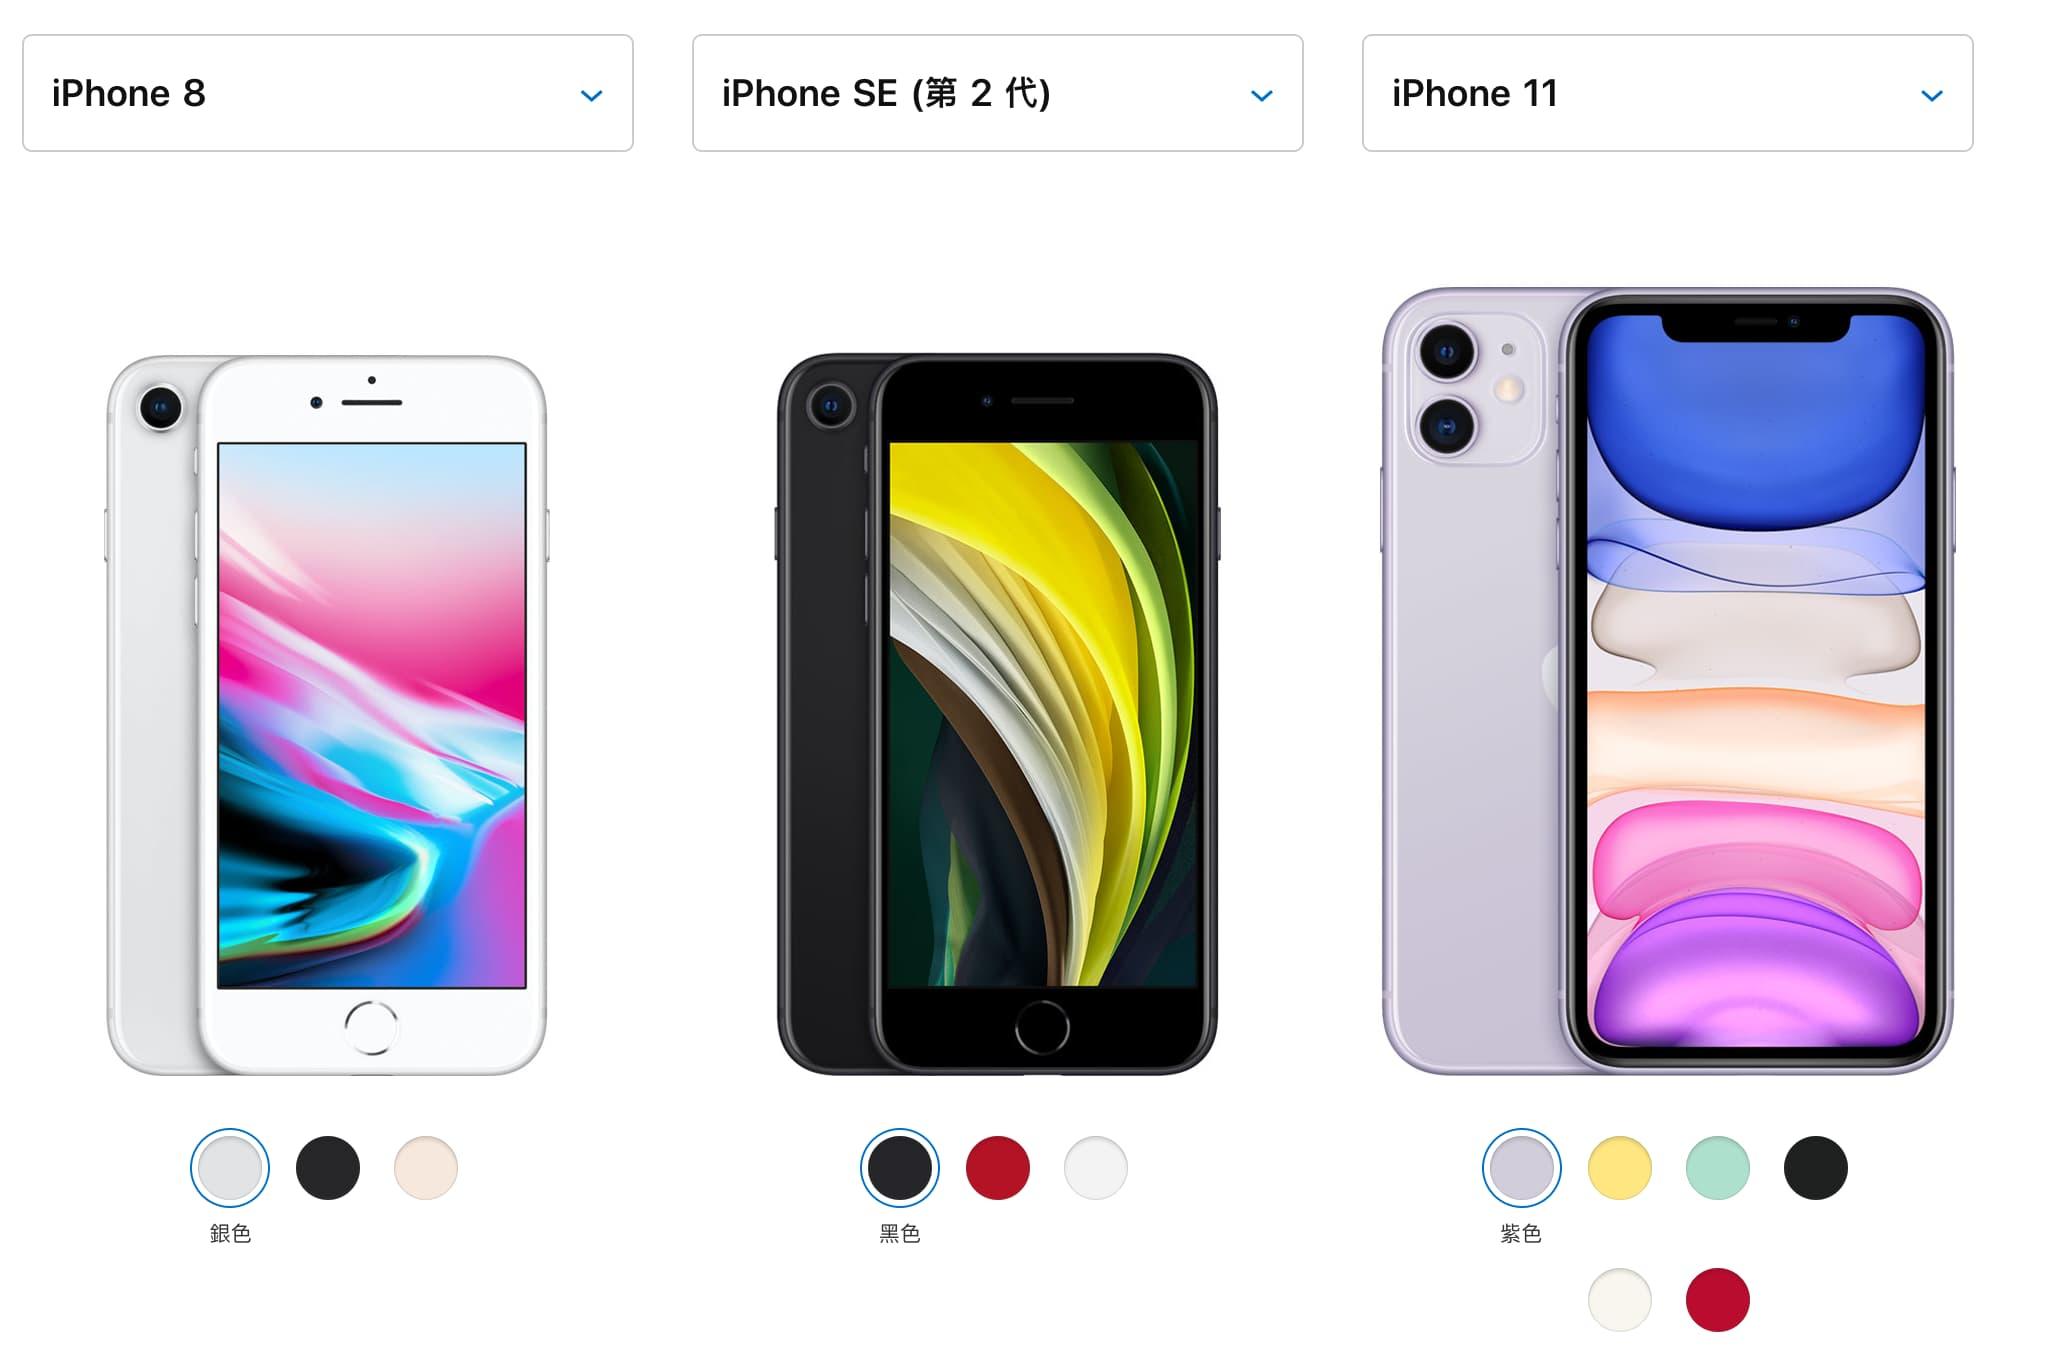 新iPhone SE和iPhone 8、iPhone 11差異整理,買哪款比較適合